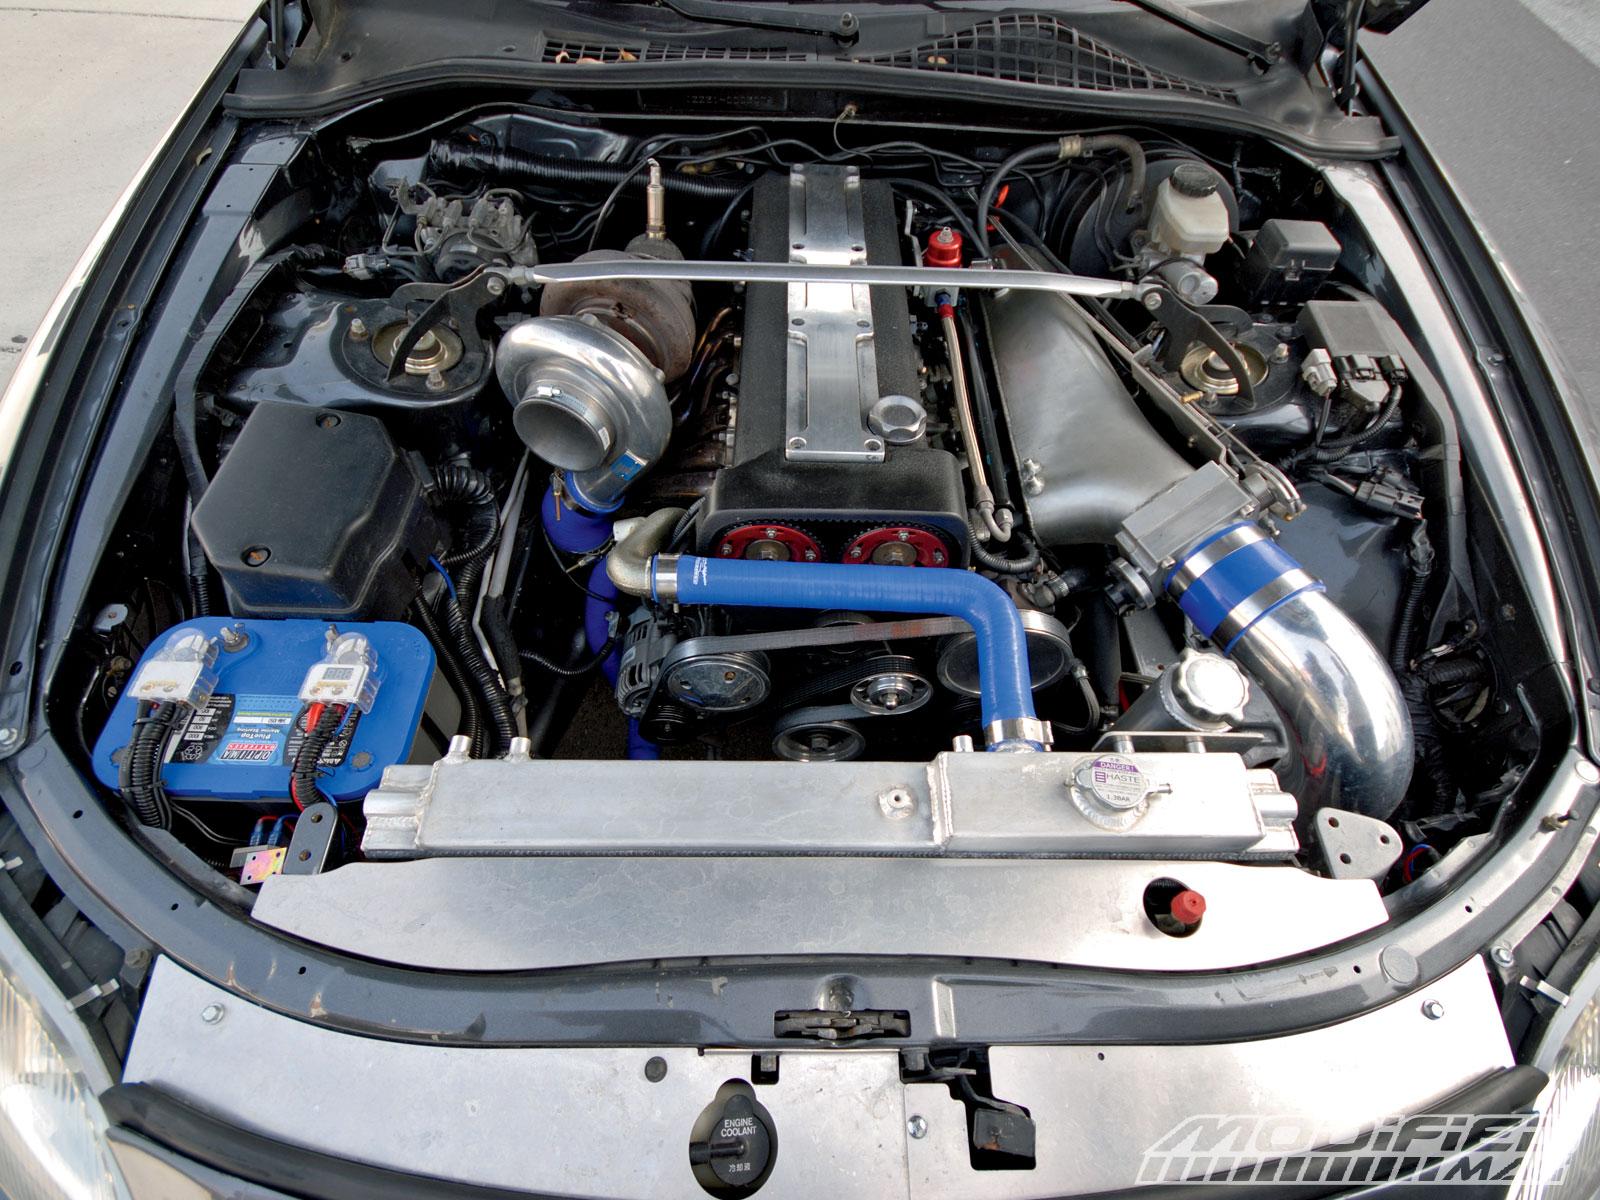 [DHAV_9290]  GK_4636] 1992 Lexus Sc300 Radio Schematic Wiring | Charging Wire Harness 1995 Lexus Sc300 |  | Sand Ophag Greas Benkeme Mohammedshrine Librar Wiring 101